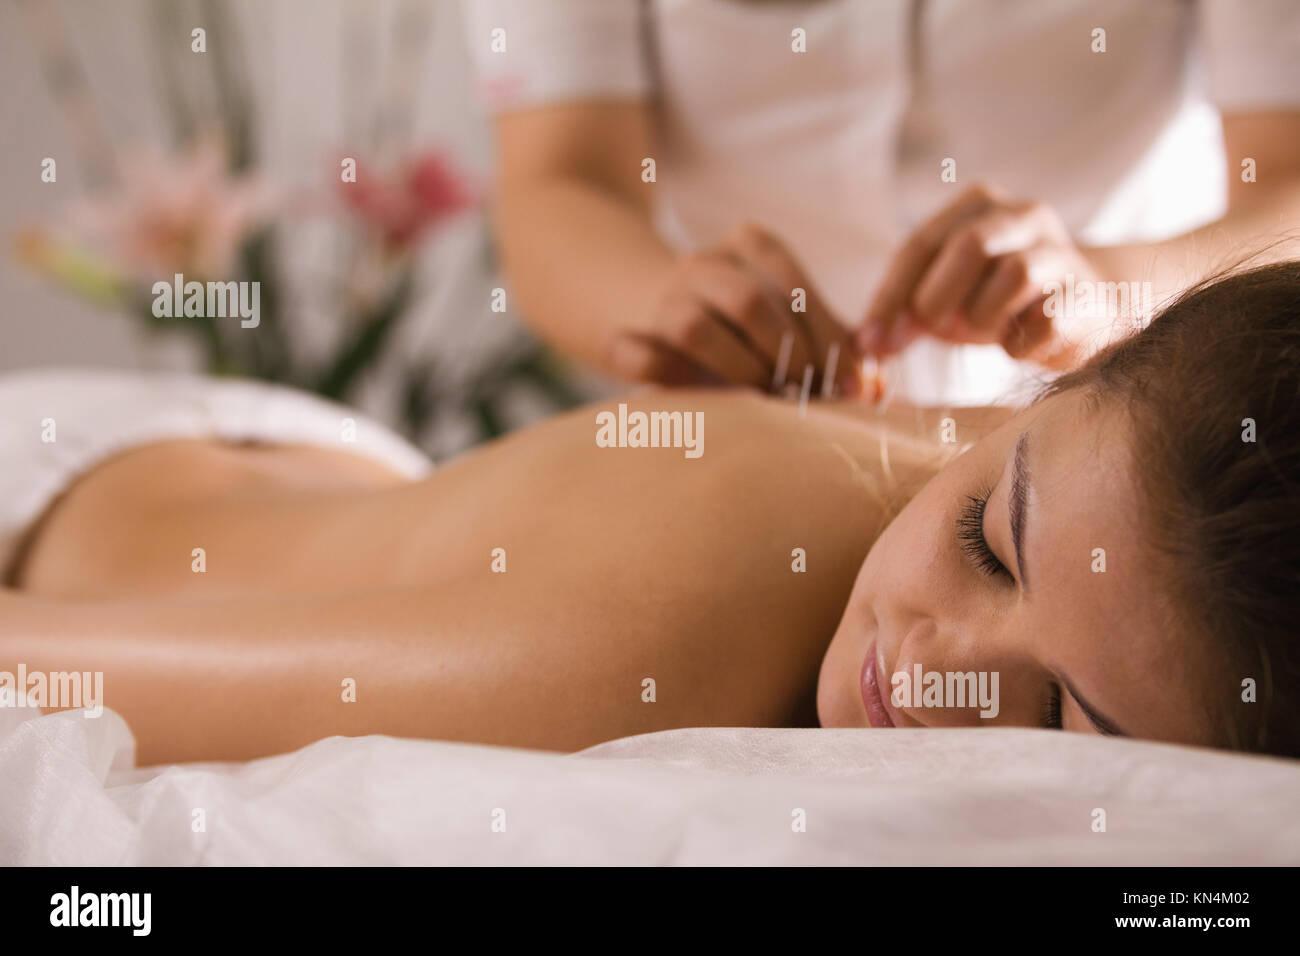 El doctor palos agujas en el cuerpo de la mujer sobre la acupuntura - cerrar Imagen De Stock